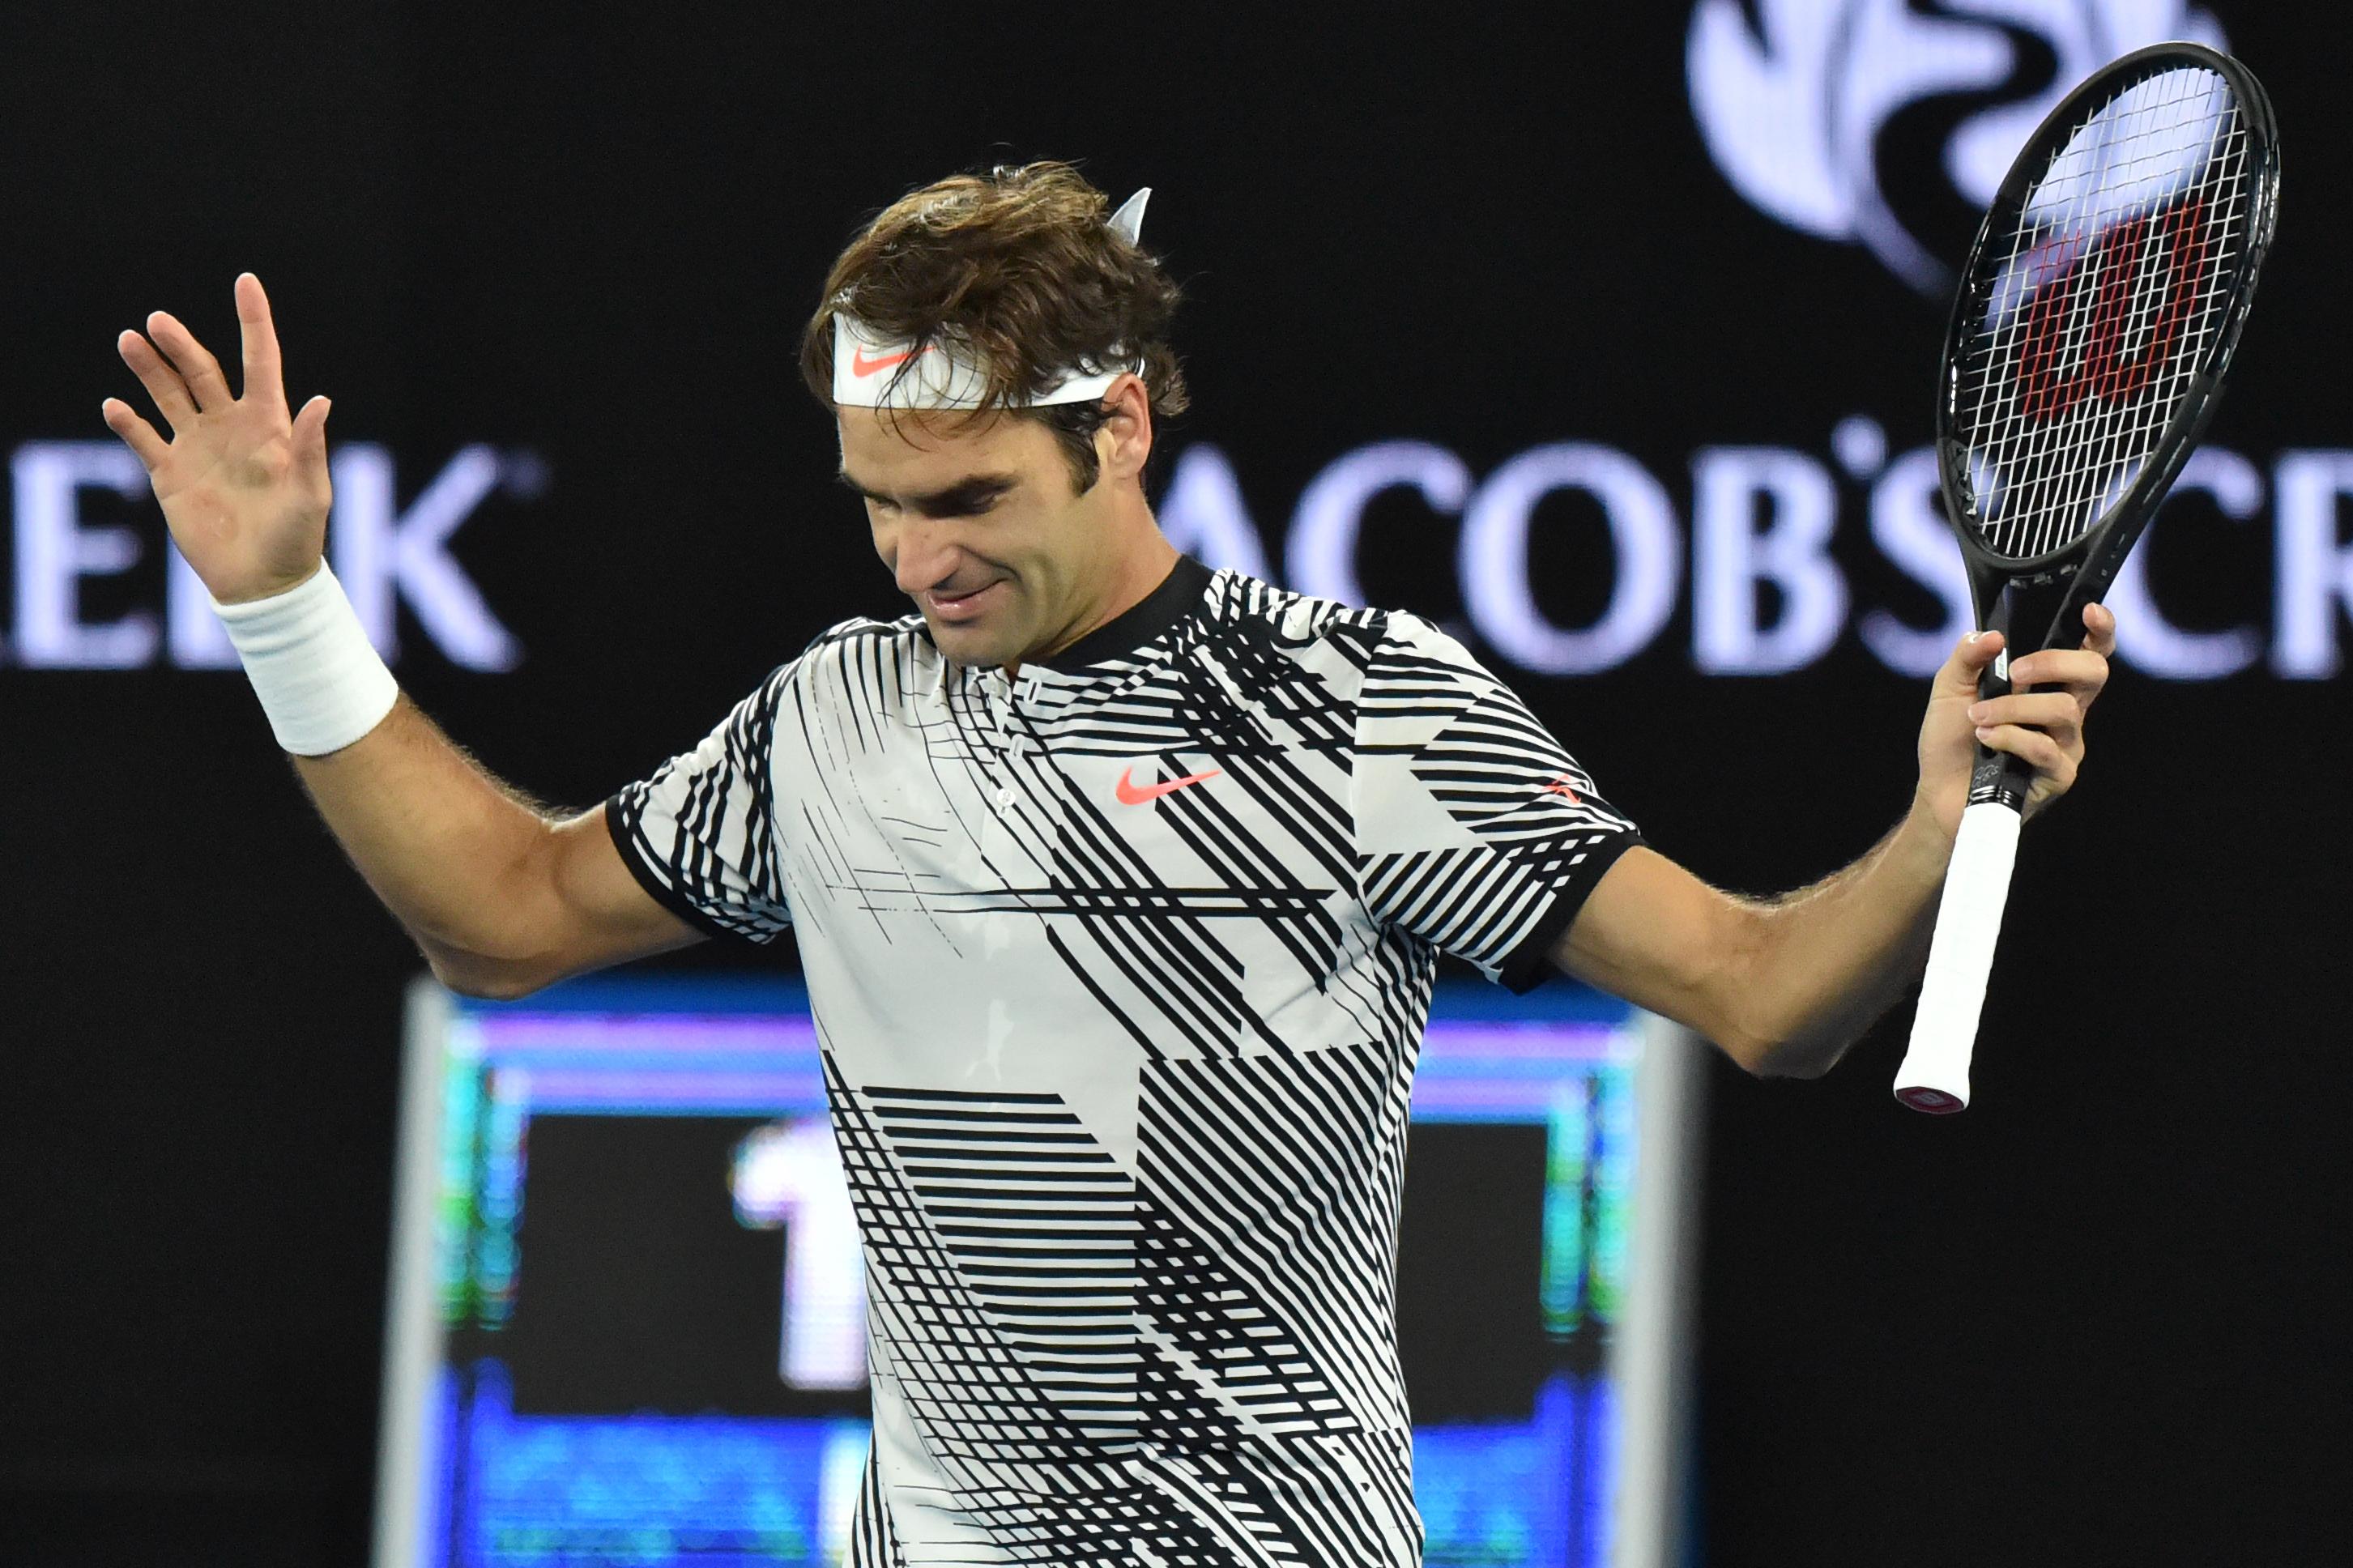 Csodálatos: Roger Federer 35 évesen jutott döntőbe az Australian Openen